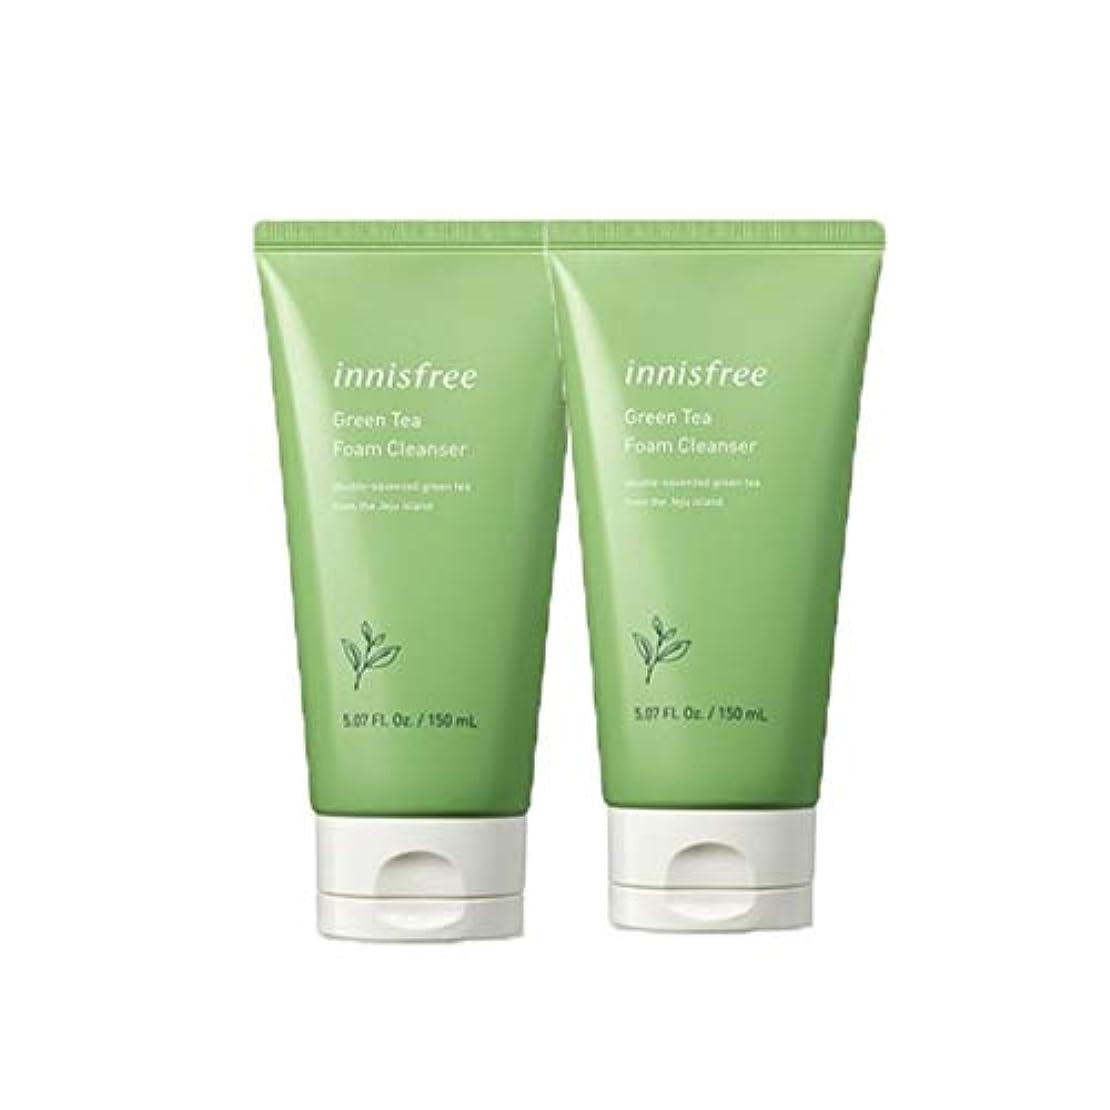 健全基本的なスーパーイニスフリーグリーンティーフォームクレンザー150mlx2本セット韓国コスメ、innisfree Green Tea Foam Cleanser 150ml x 2ea Set Korean Cosmetics [並行輸入品]